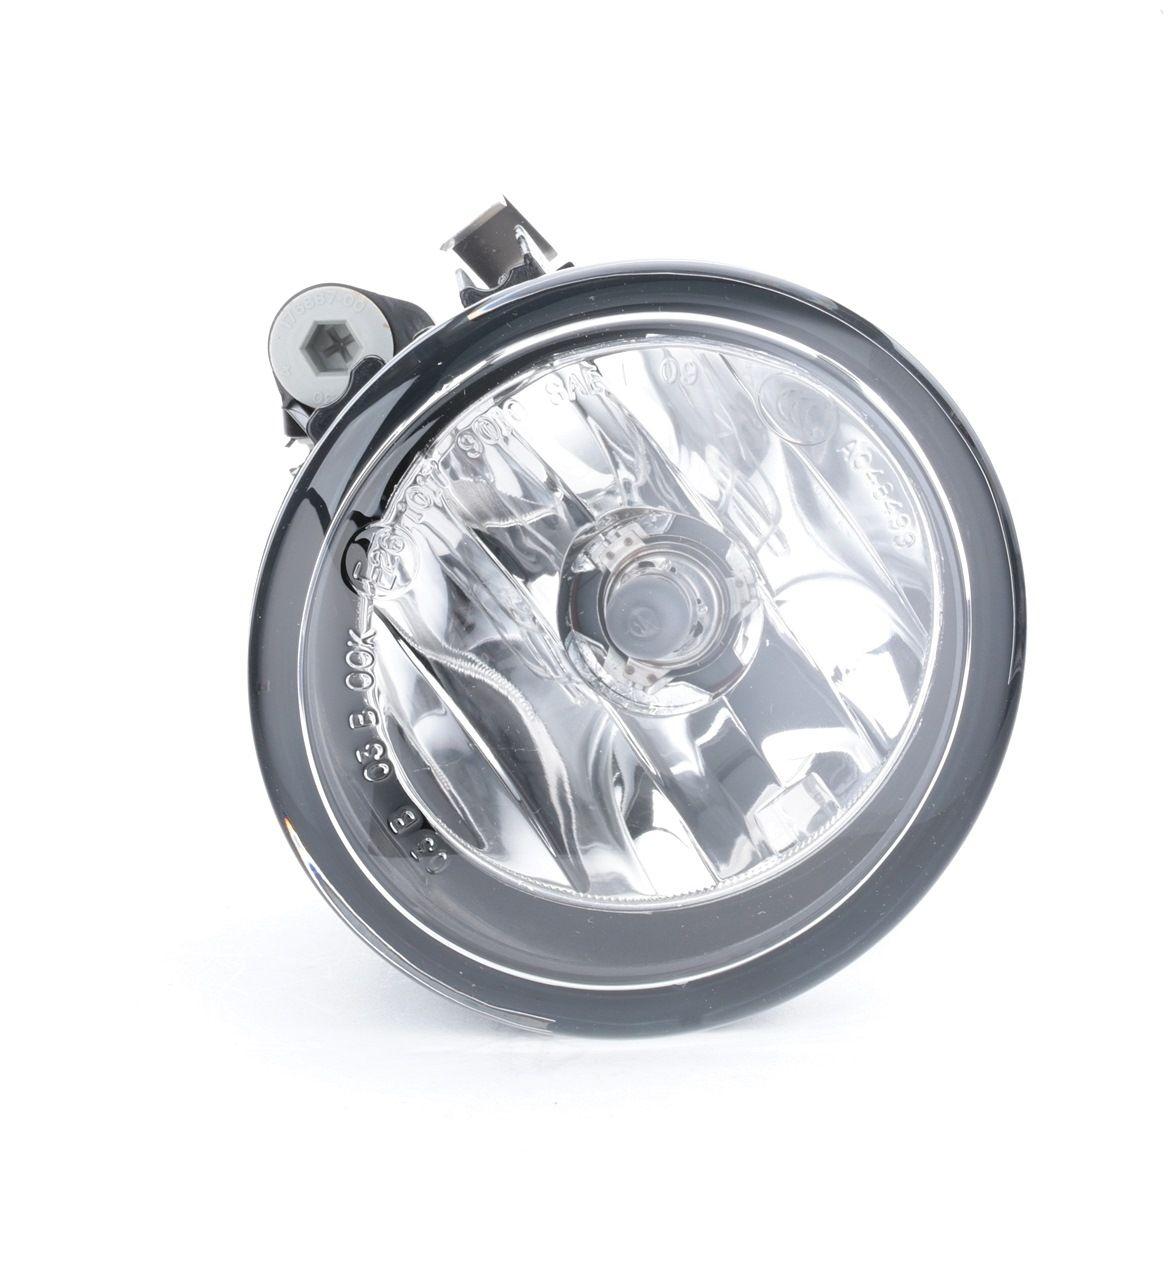 Nebelleuchten 1N0 010 456-011 rund um die Uhr online kaufen